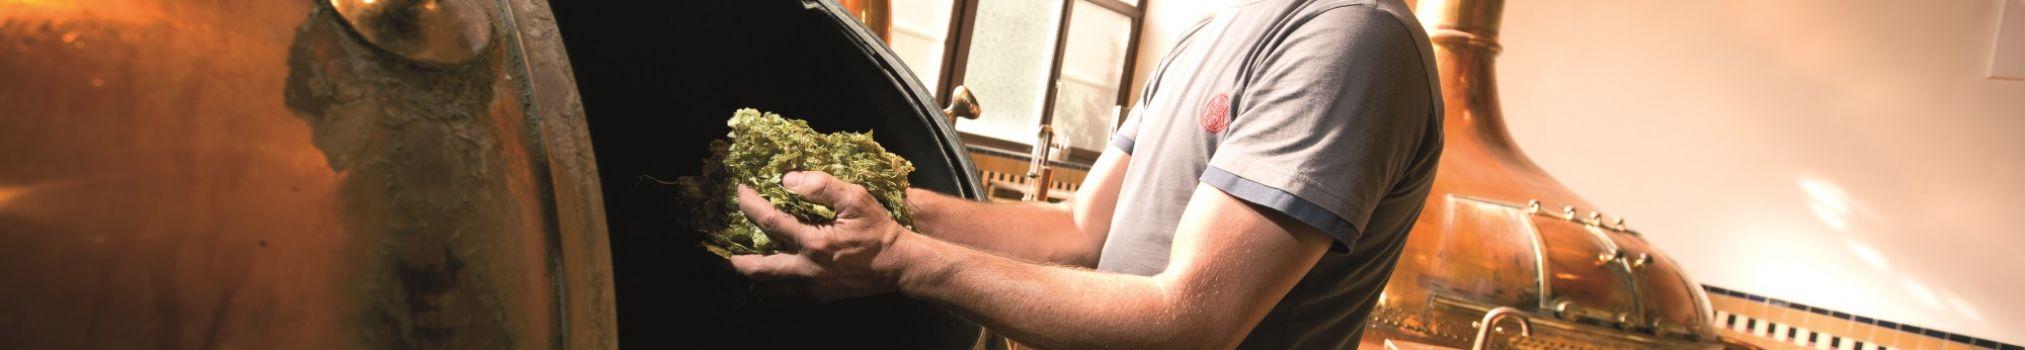 El proceso de elaboración tradicional de la cerveza trapense de Westmalle